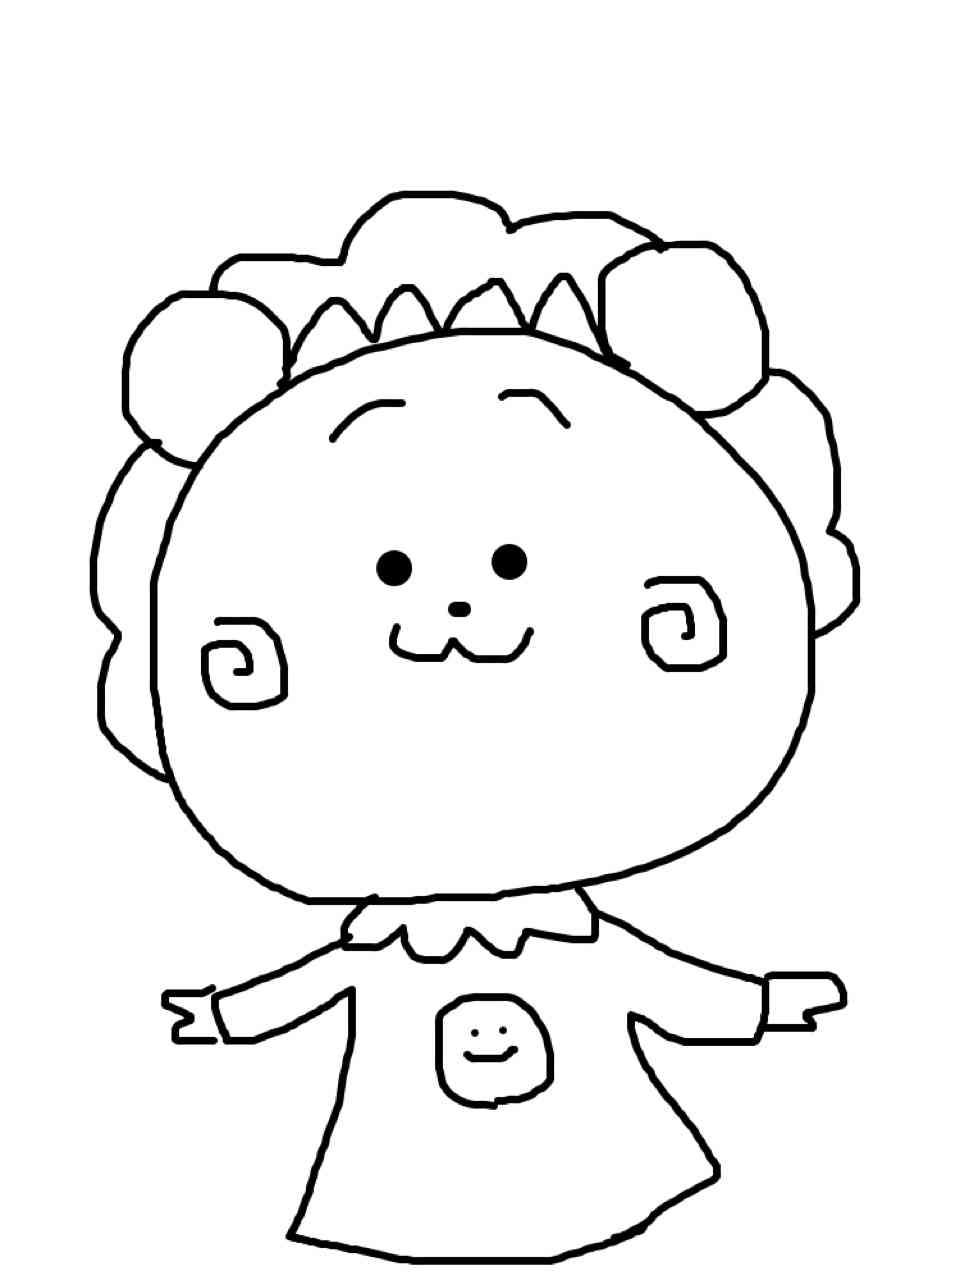 描いた絵に塗り絵してもらうトピ☆part4